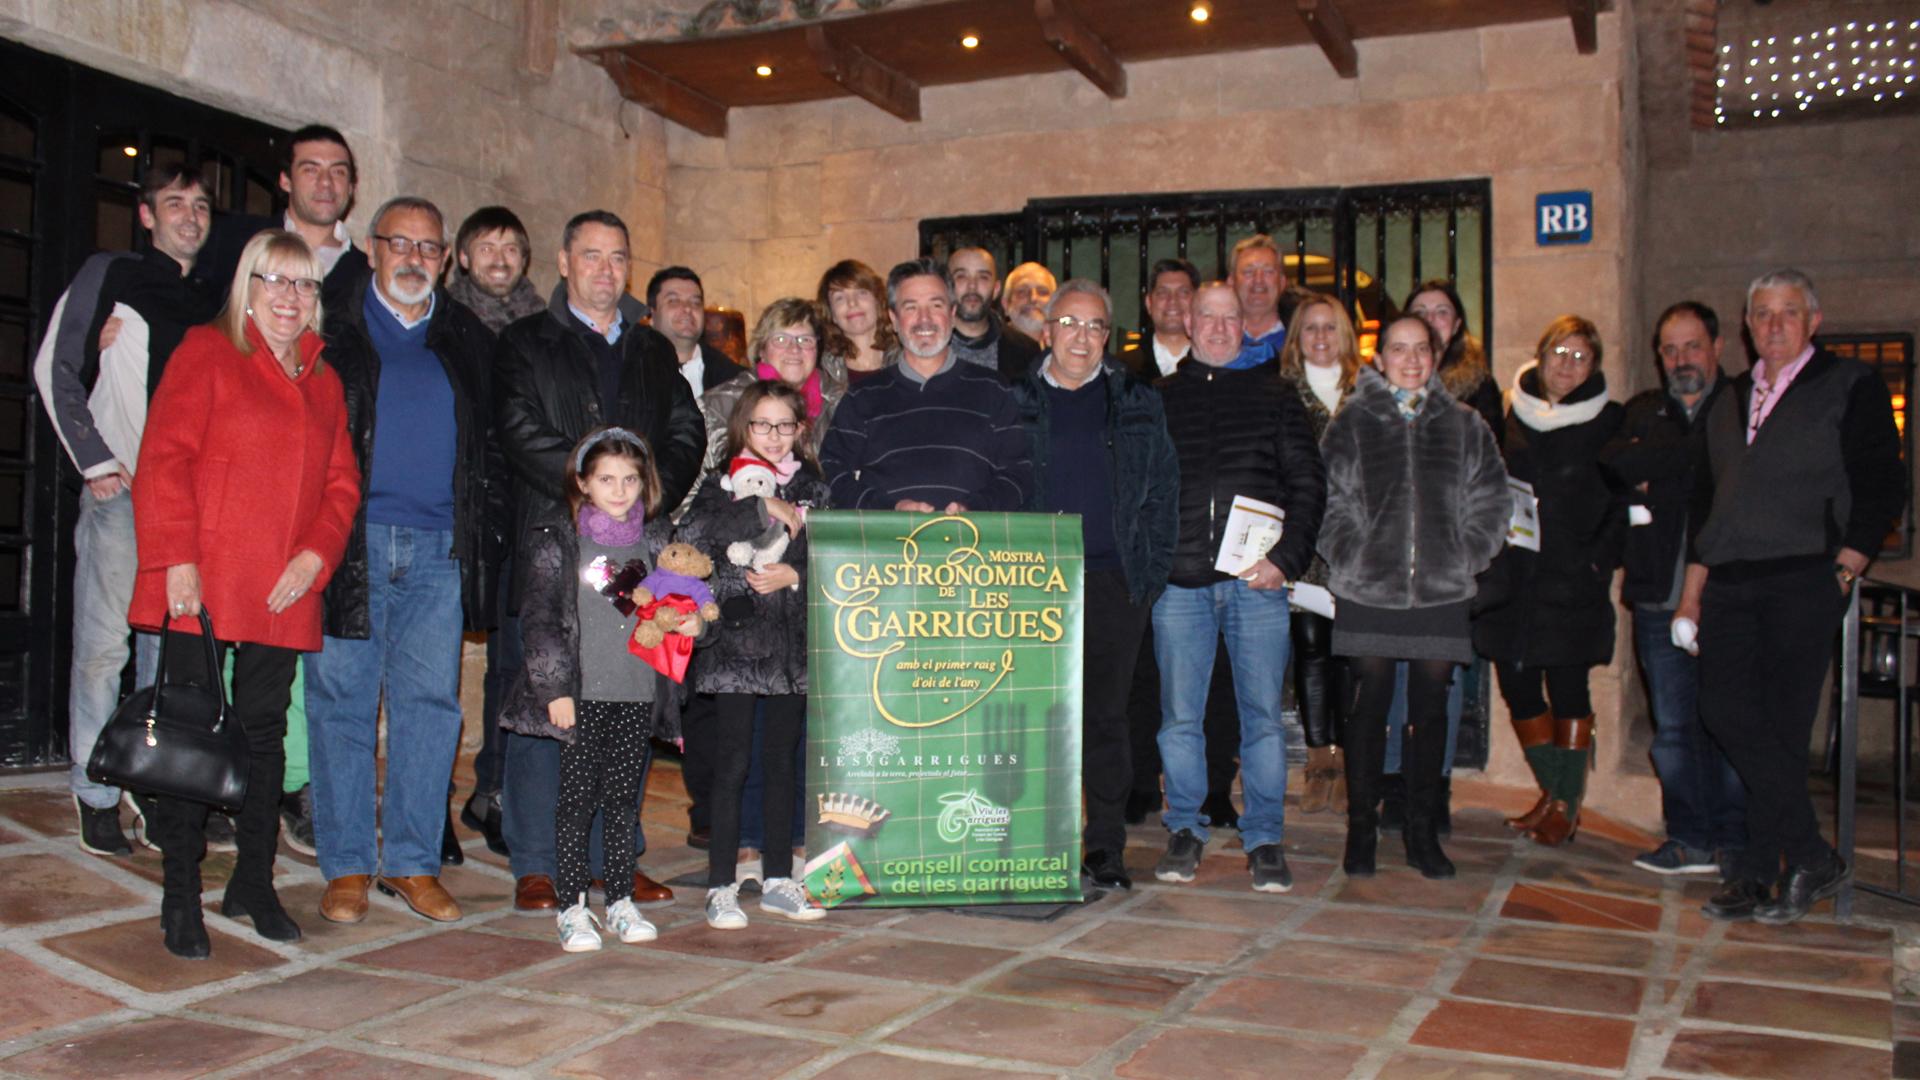 Clou la 25a Mostra Gastronòmica de les Garrigues amb més de 1.800 menús servits